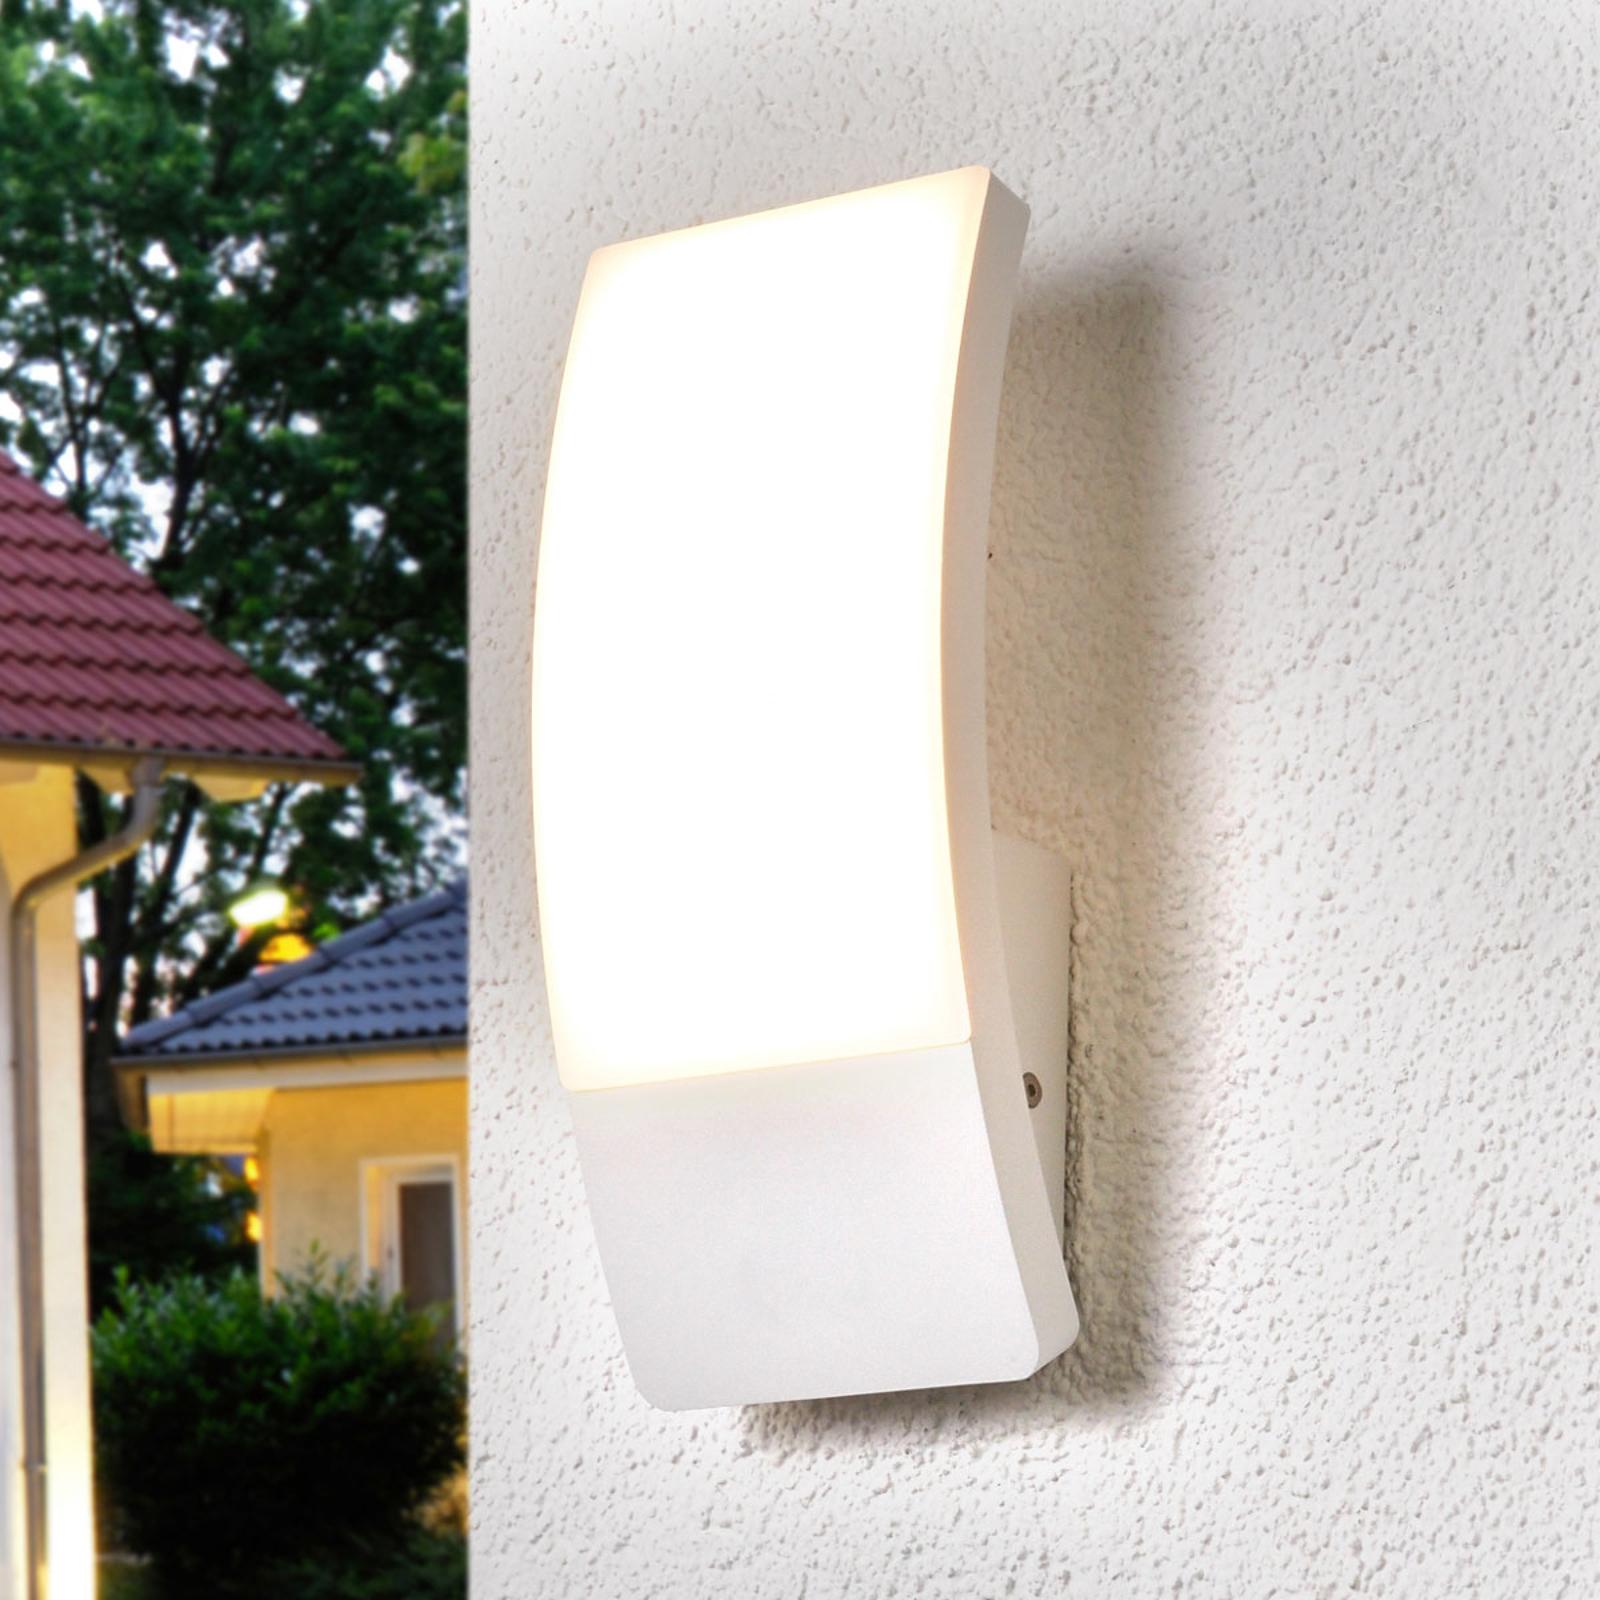 Applique d'extérieur LED blanc Siara forme courbe